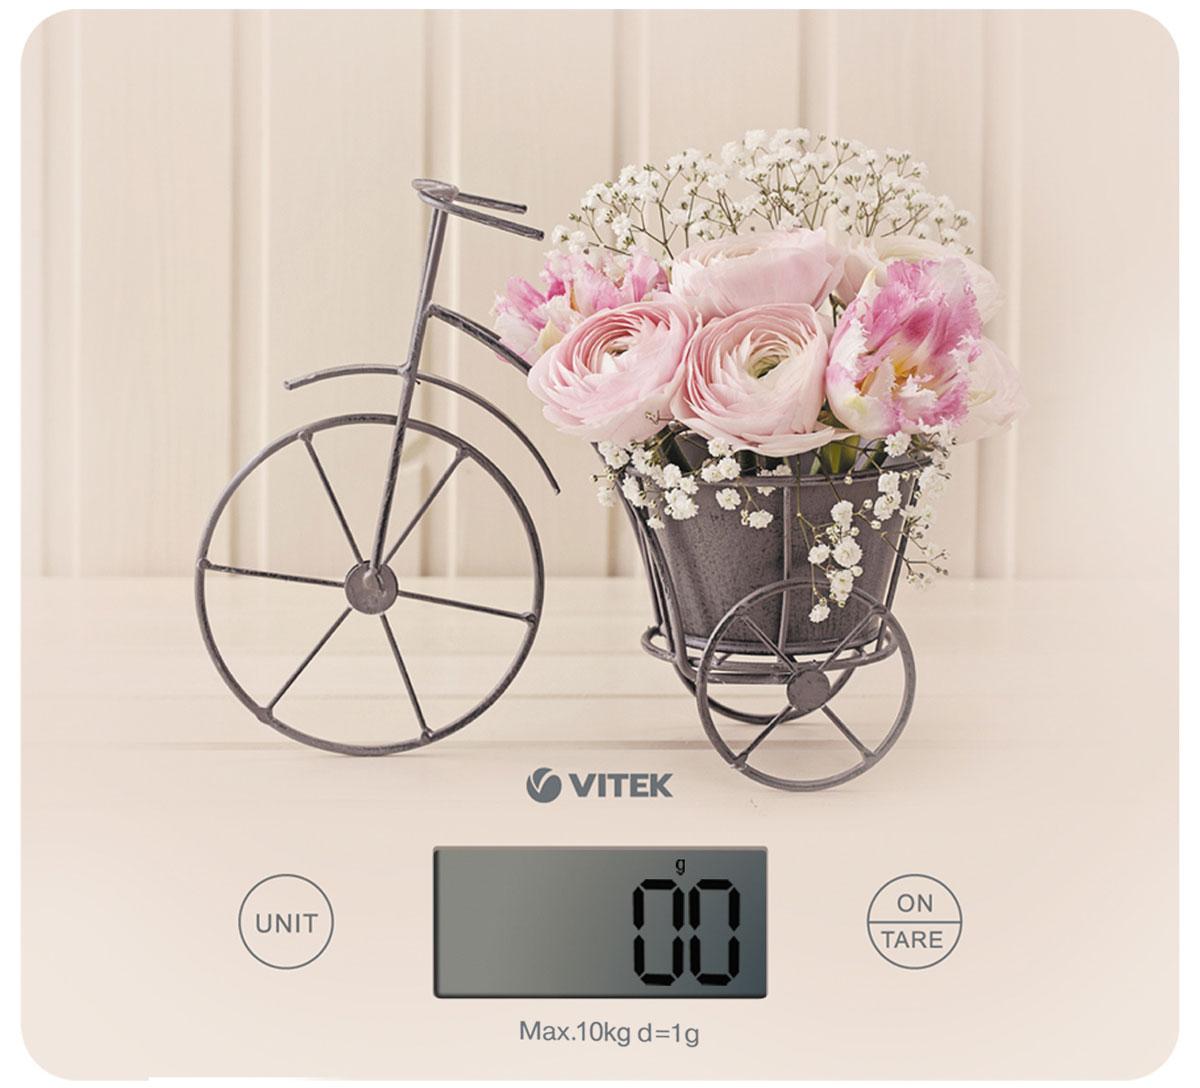 Vitek VT-8016(CA) весы кухонныеVT-8016(CA)Кухонные весы Vitek VT-8016(CA)–природное дыхание французской глубинки.Стильная кованая подставка с нежными цветами изображена на светлой платформе из закаленного стекла,такое сочетание отображаетодин из самых популярных стилей – Прованс.Преимущества весов: полезная и удобнаяфункция тарирования (определение веса тары), функция последовательного взвешивание. Максимальный весвзвешиваемых продуктов- 10 кг.Модель оснащена большим LCD дисплеем (58,0 x 26,0 мм),автоматической установкой 0 при использовании функции TARE, автоматическим отключением и обнулением, а также индикацией превышения допустимой нагрузки ииндикатором зарядки батареи.